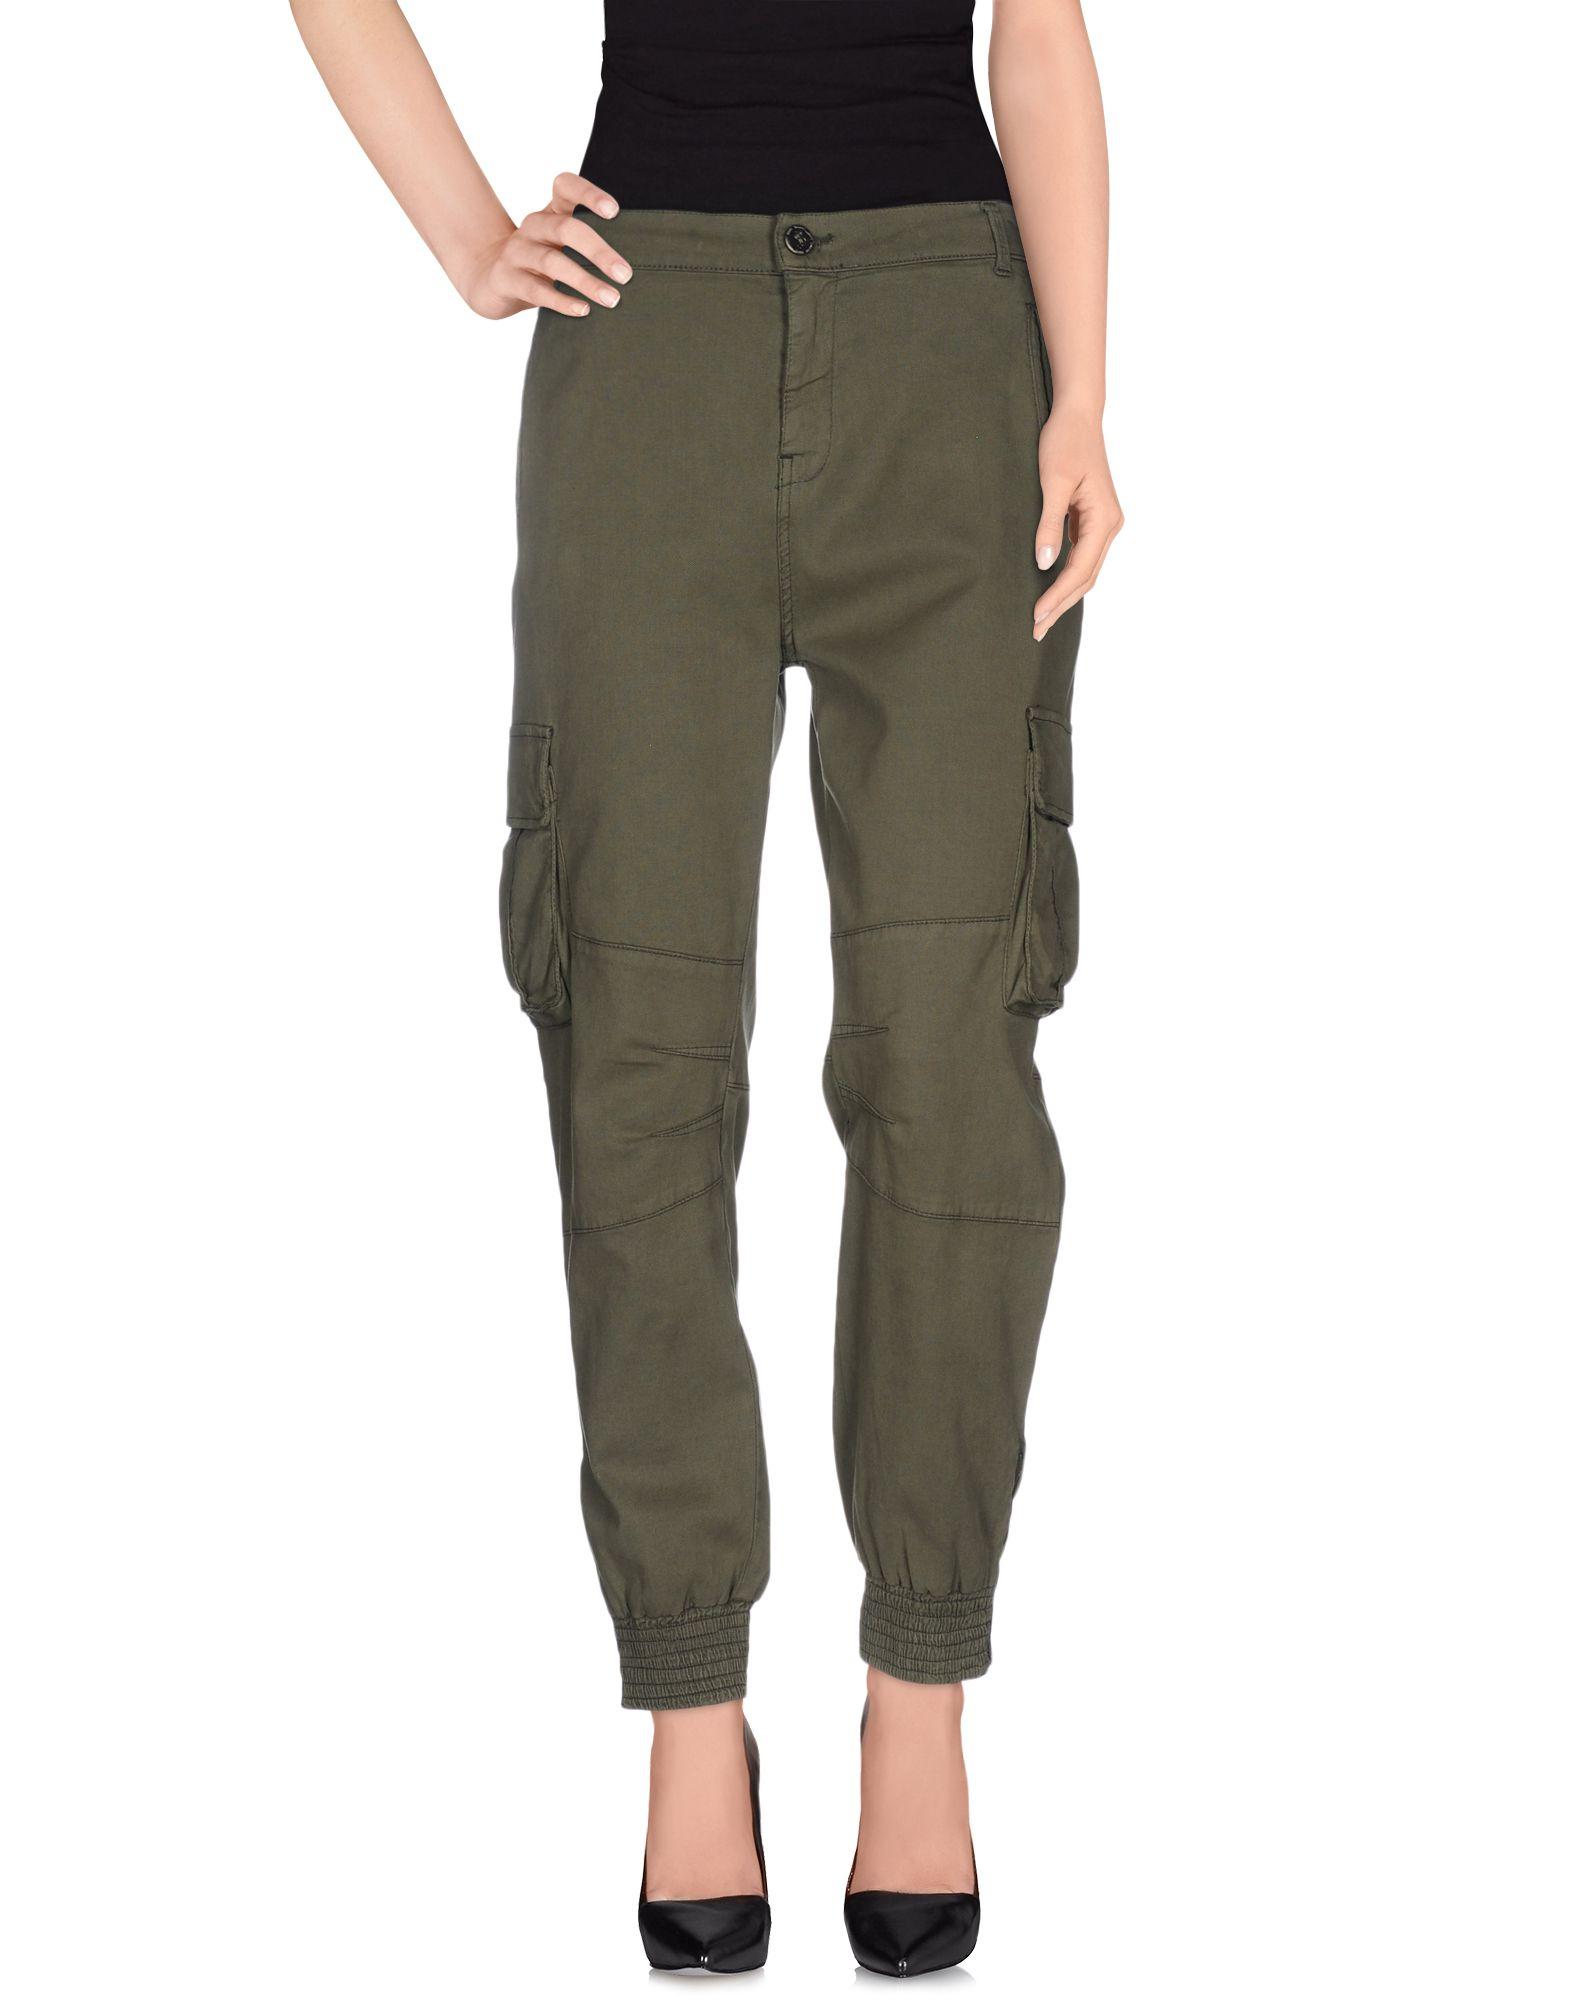 f3d7d403b410 Twin-Set Jeans Casual Trouser - Women Twin-Set Jeans Casual ...